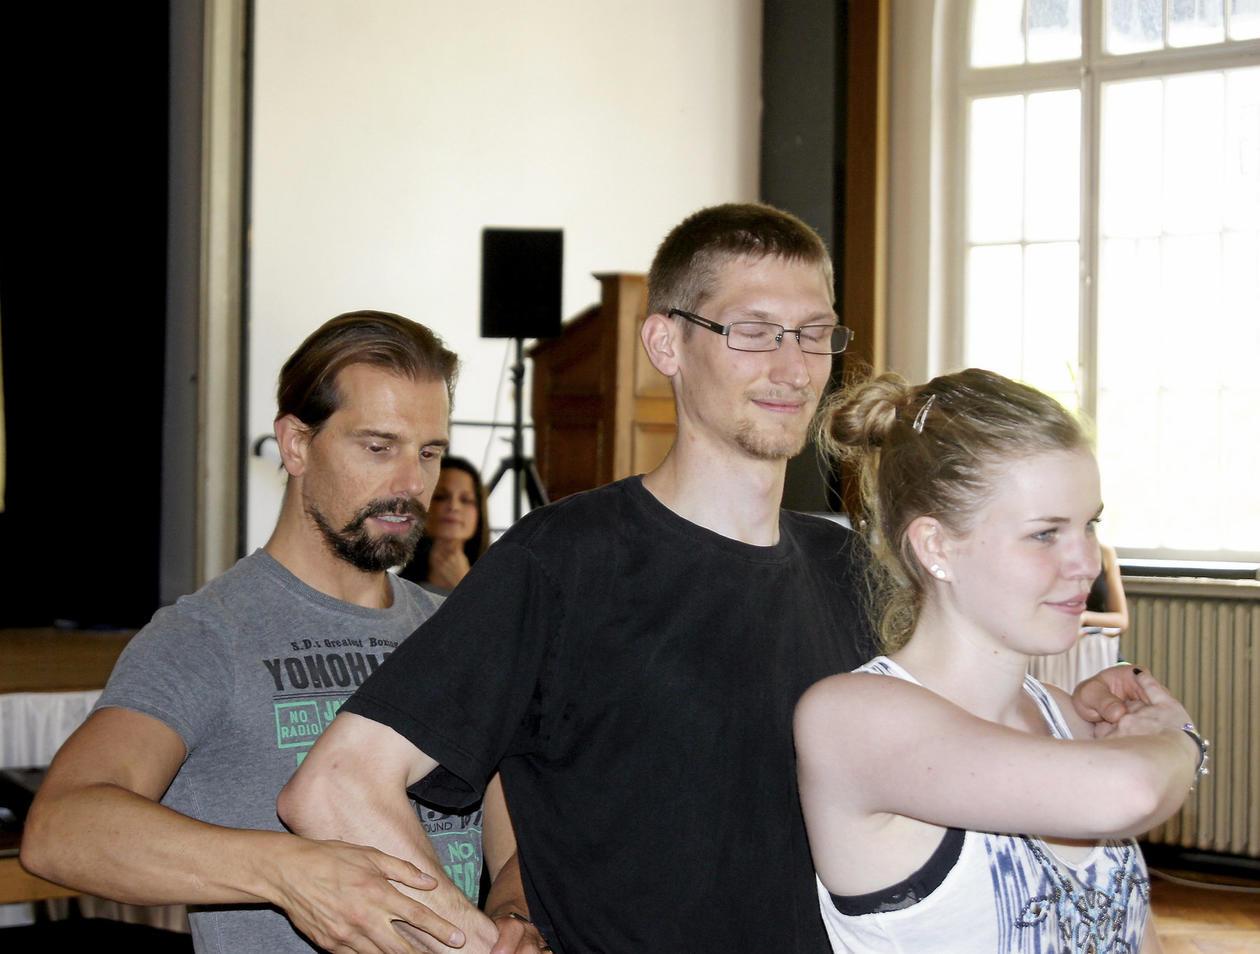 Profitänzer Stefan Erdmann gibt Workshop in Altena | Altena